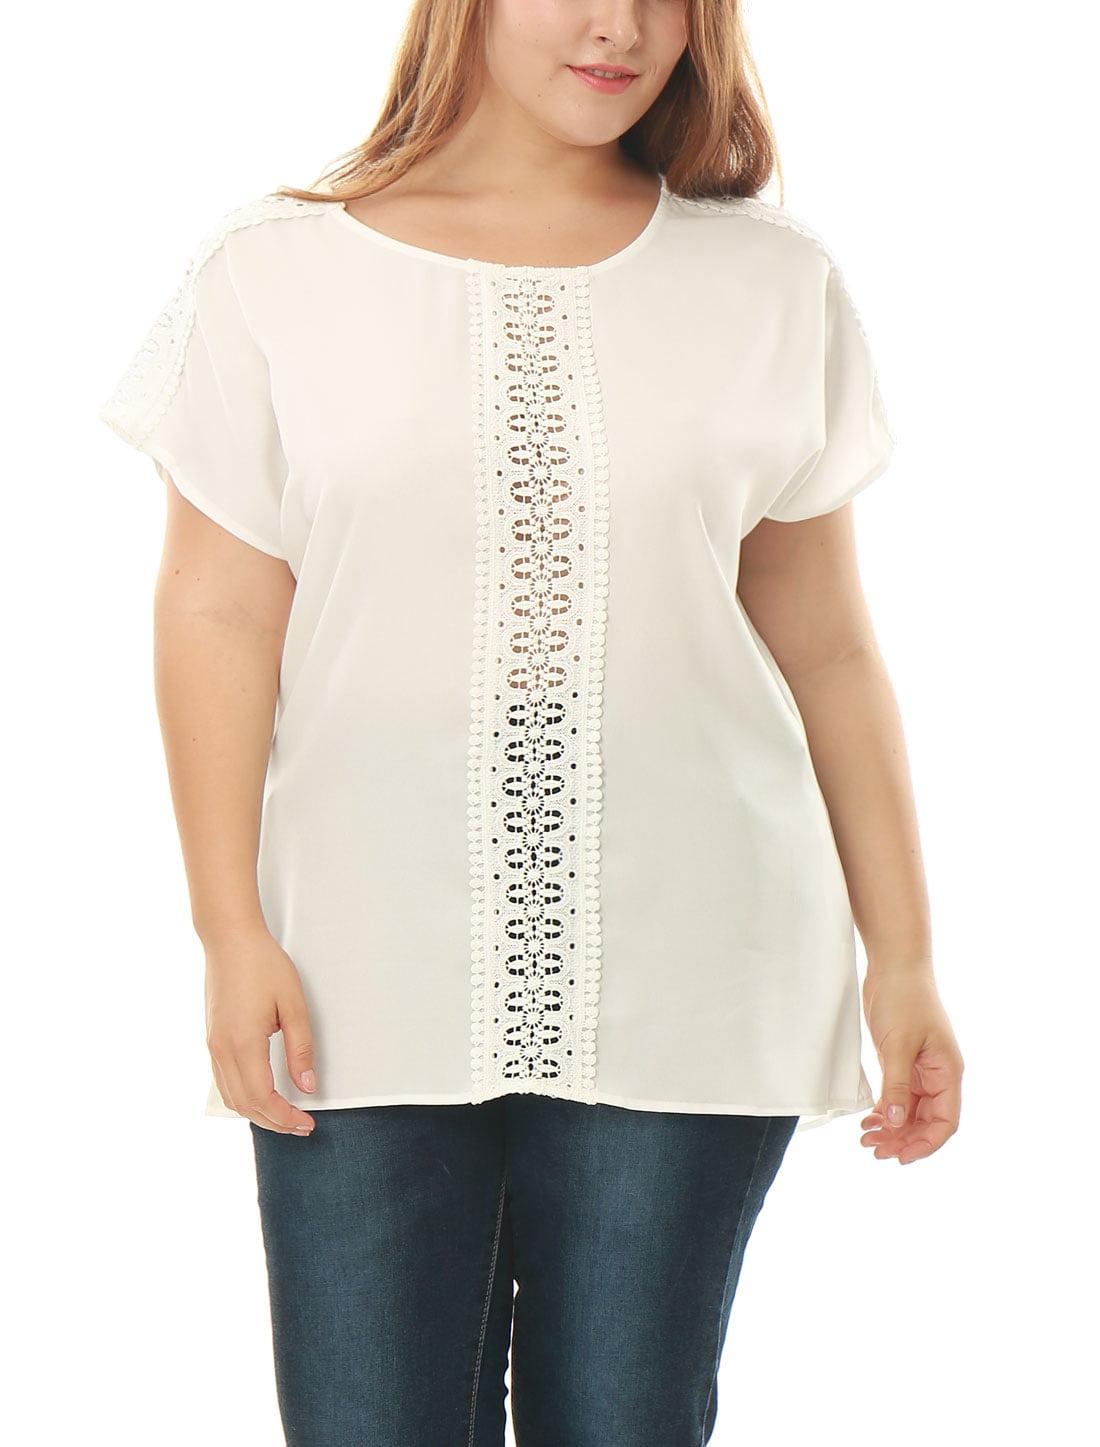 Unique Bargains Women's Plus Size Short Sleeves Crochet Lace Panel Chiffon Tunic Top